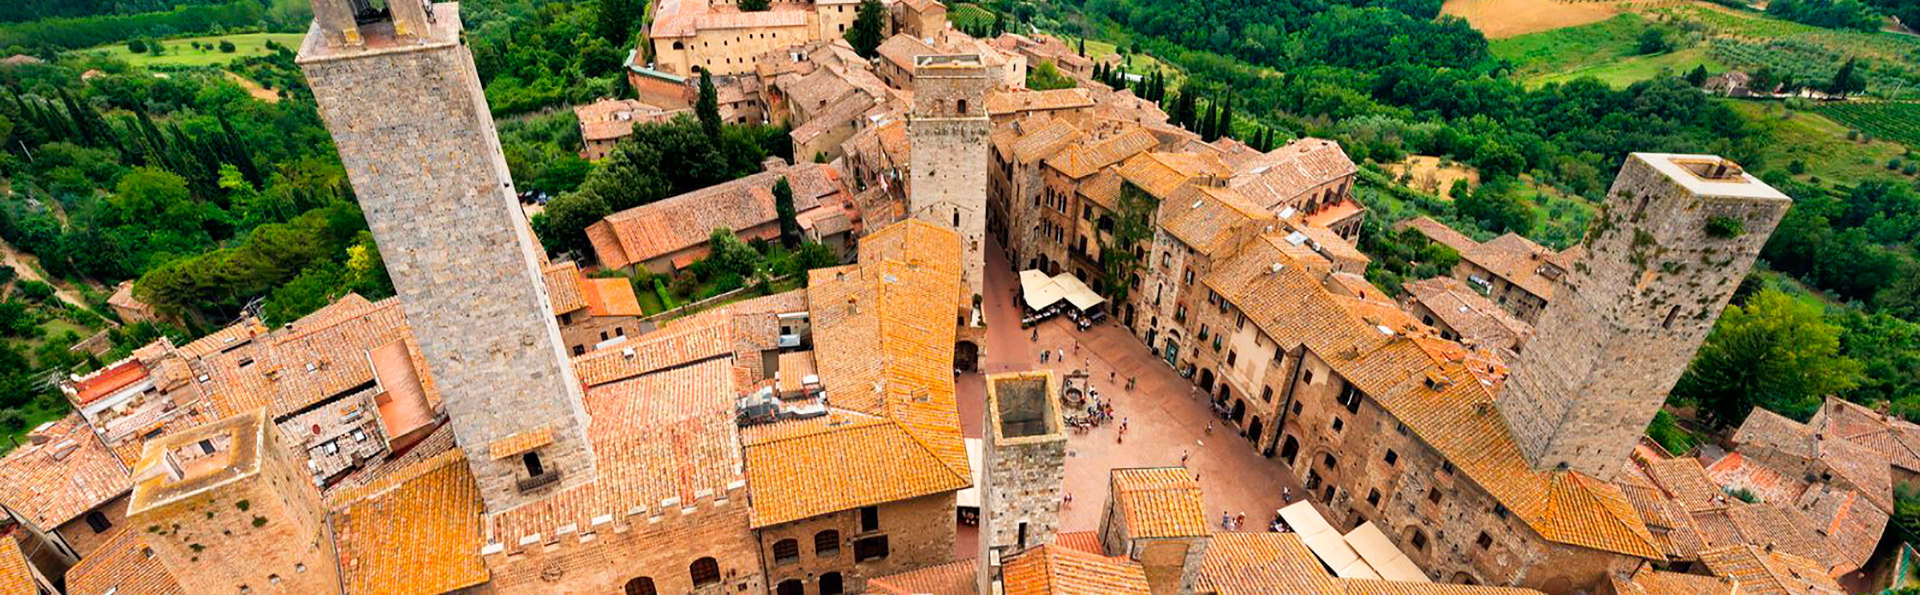 Villa San Filippo - edit_valdelsa.jpg